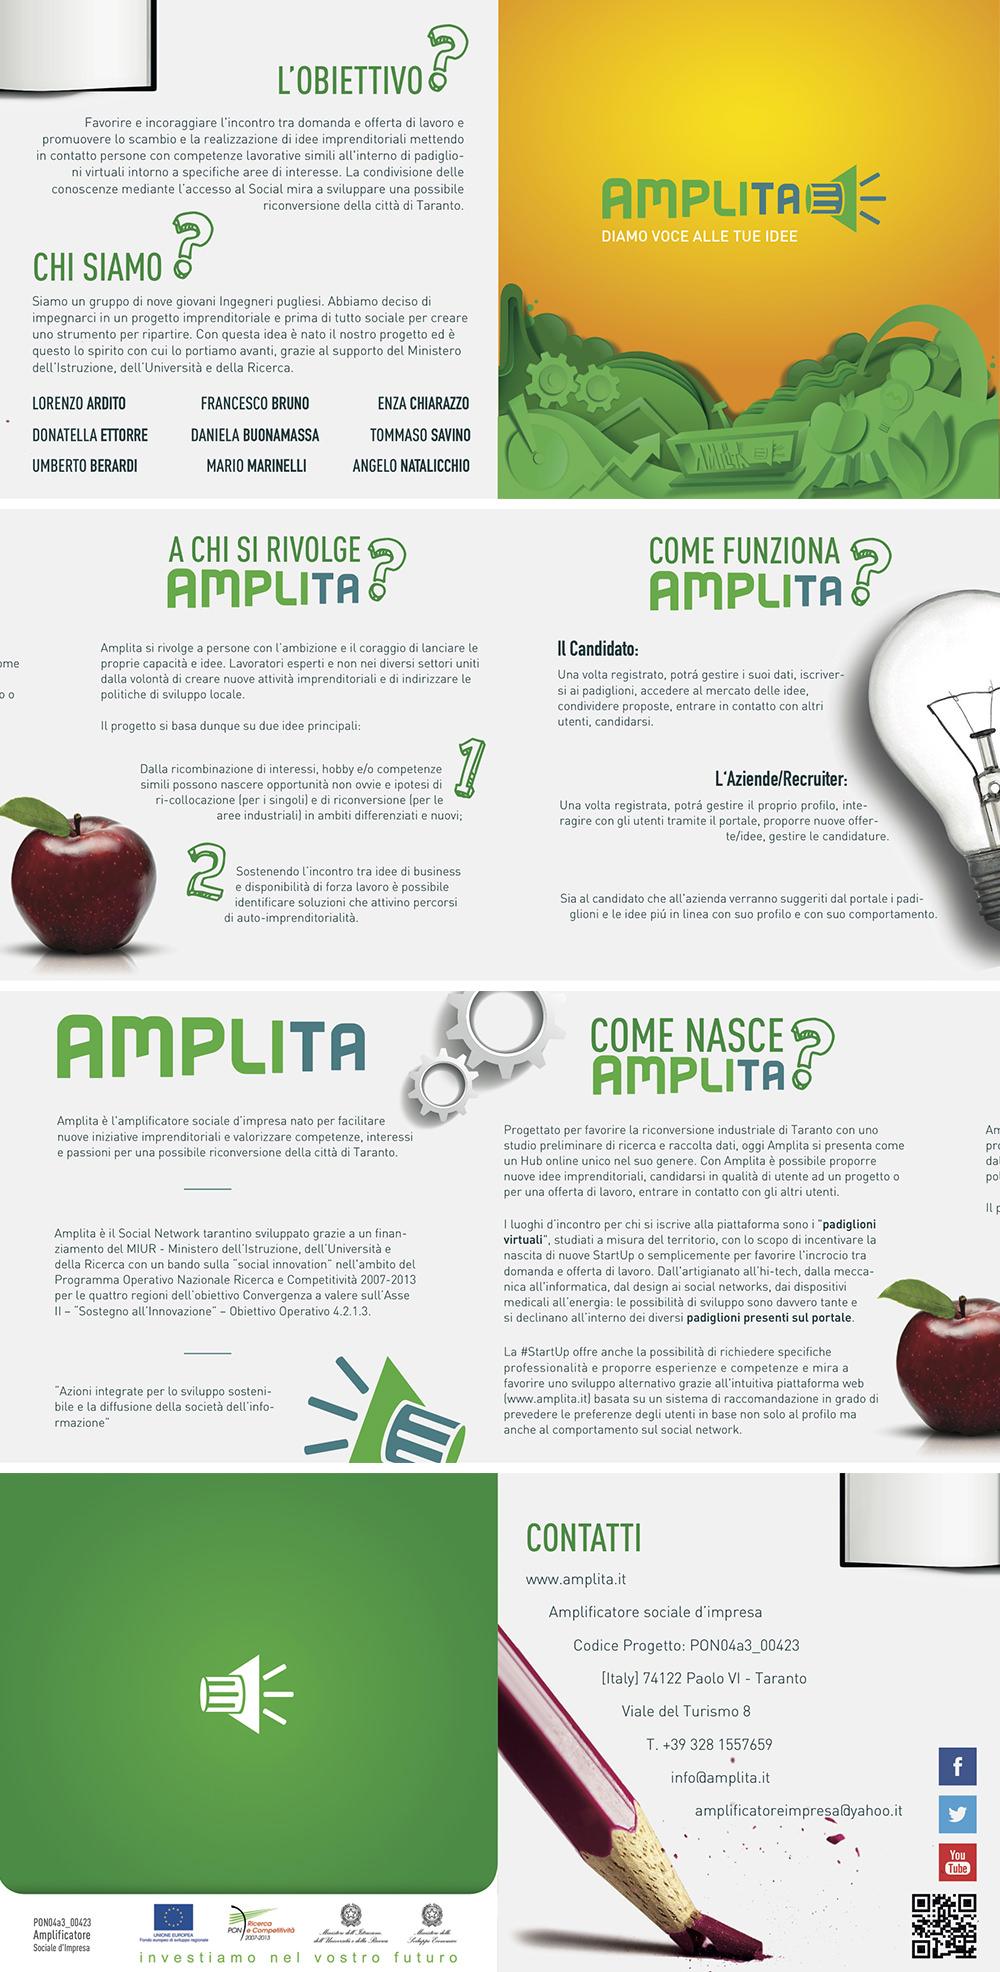 amplita-immagini-visual-locandine-e-unita-adv-13